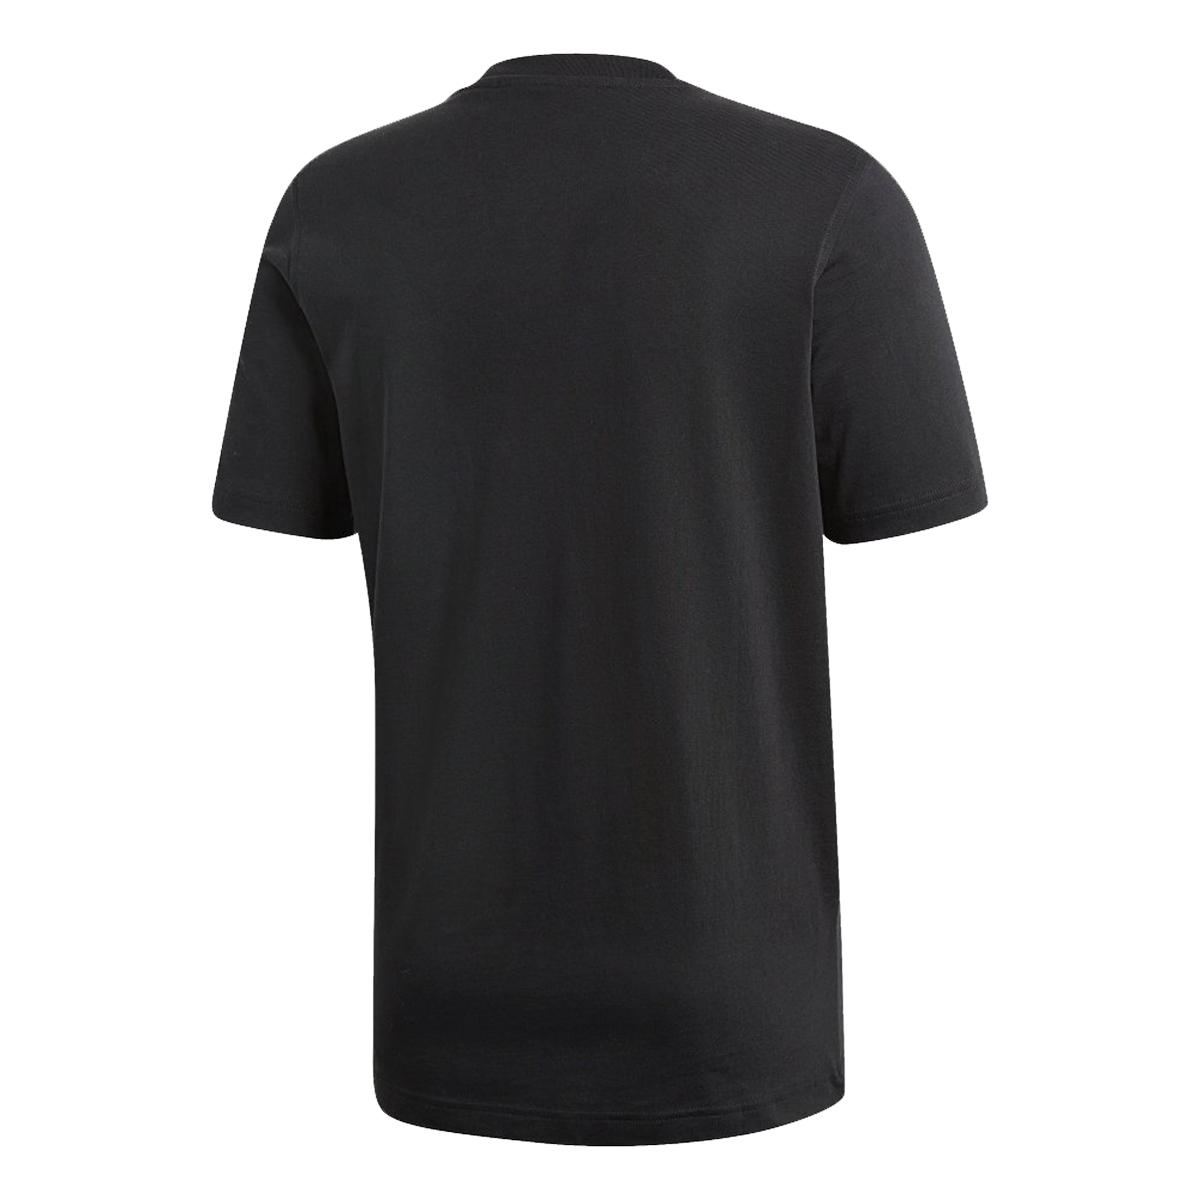 adidas originals アディダス オリジナルス TREFOIL TEE Tシャツ メンズ cw0709